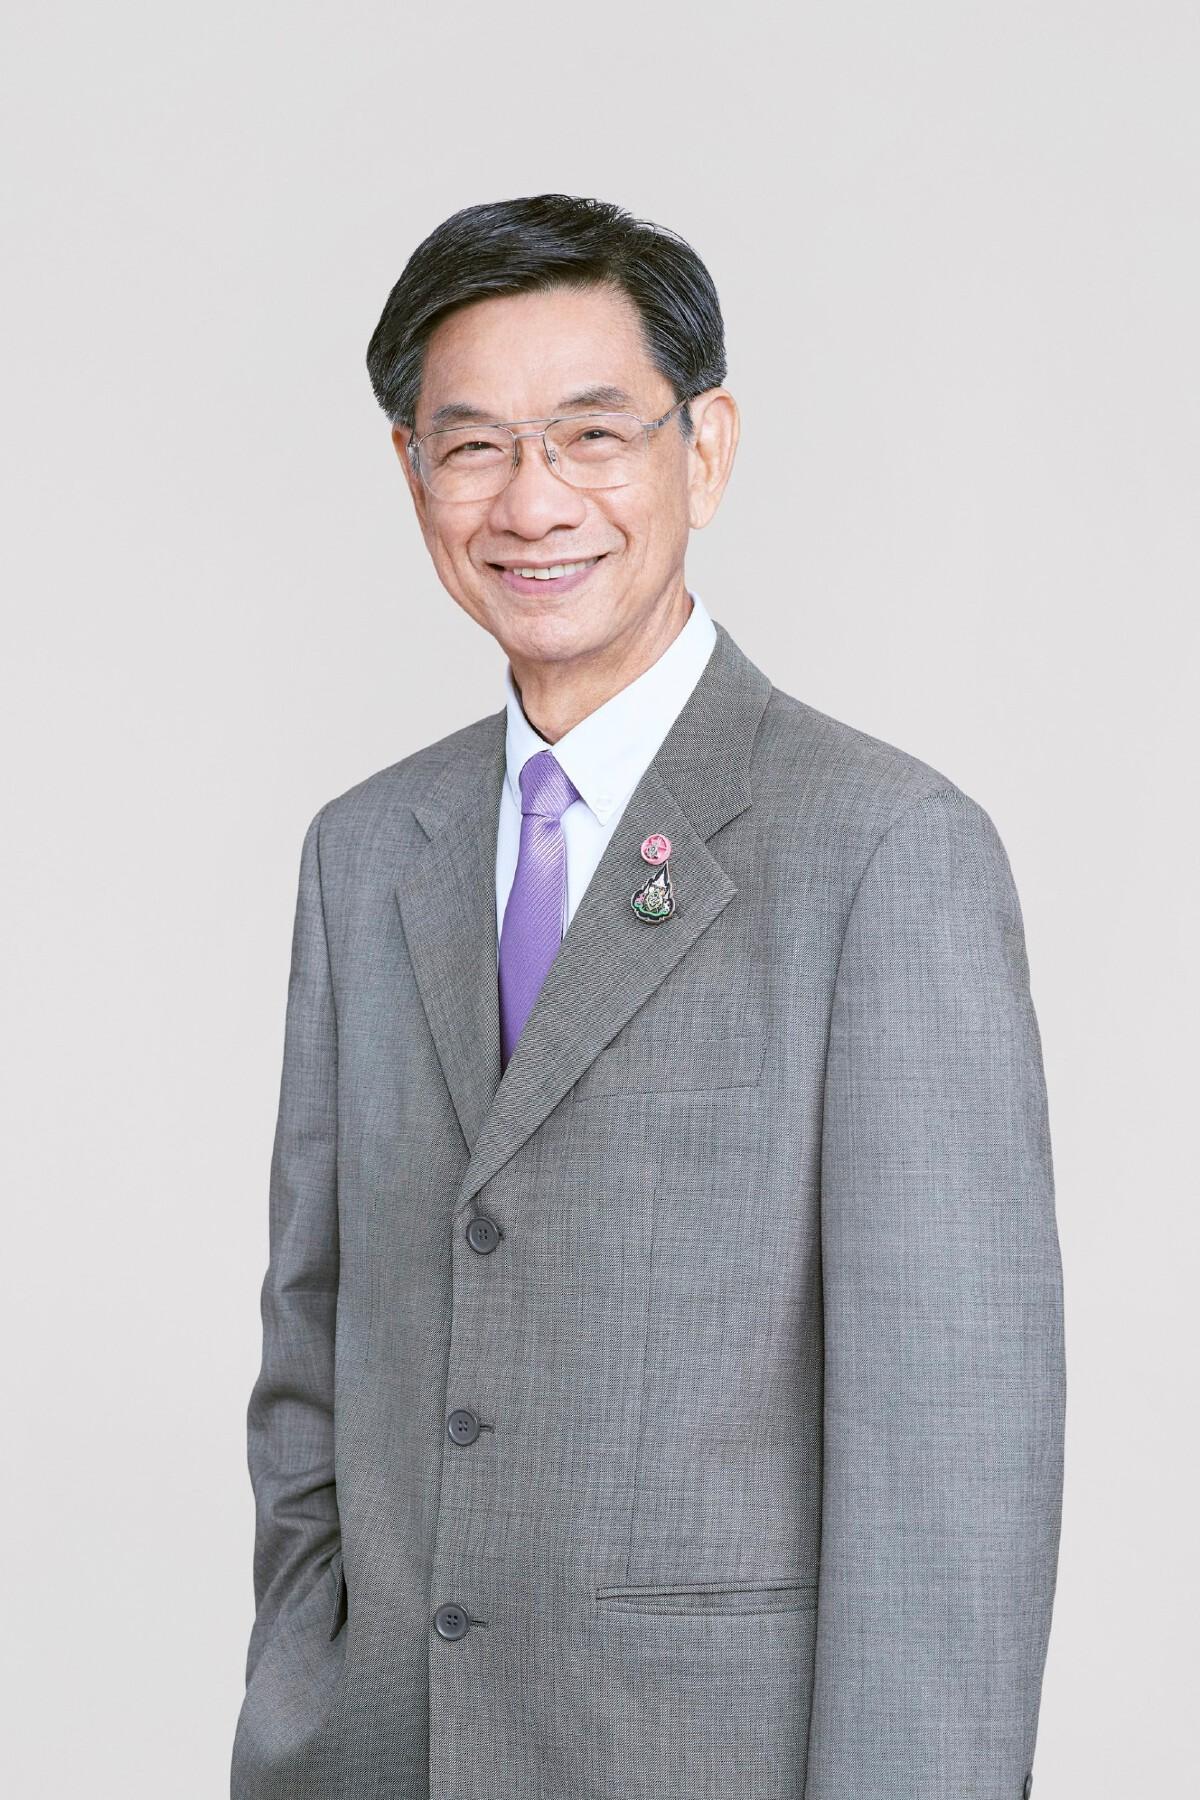 ดร.ทวีศักดิ์ กออนันตกูล ประธานกรรมการมูลนิธิรางวัลรัตนราชสุดาสารสนเทศ